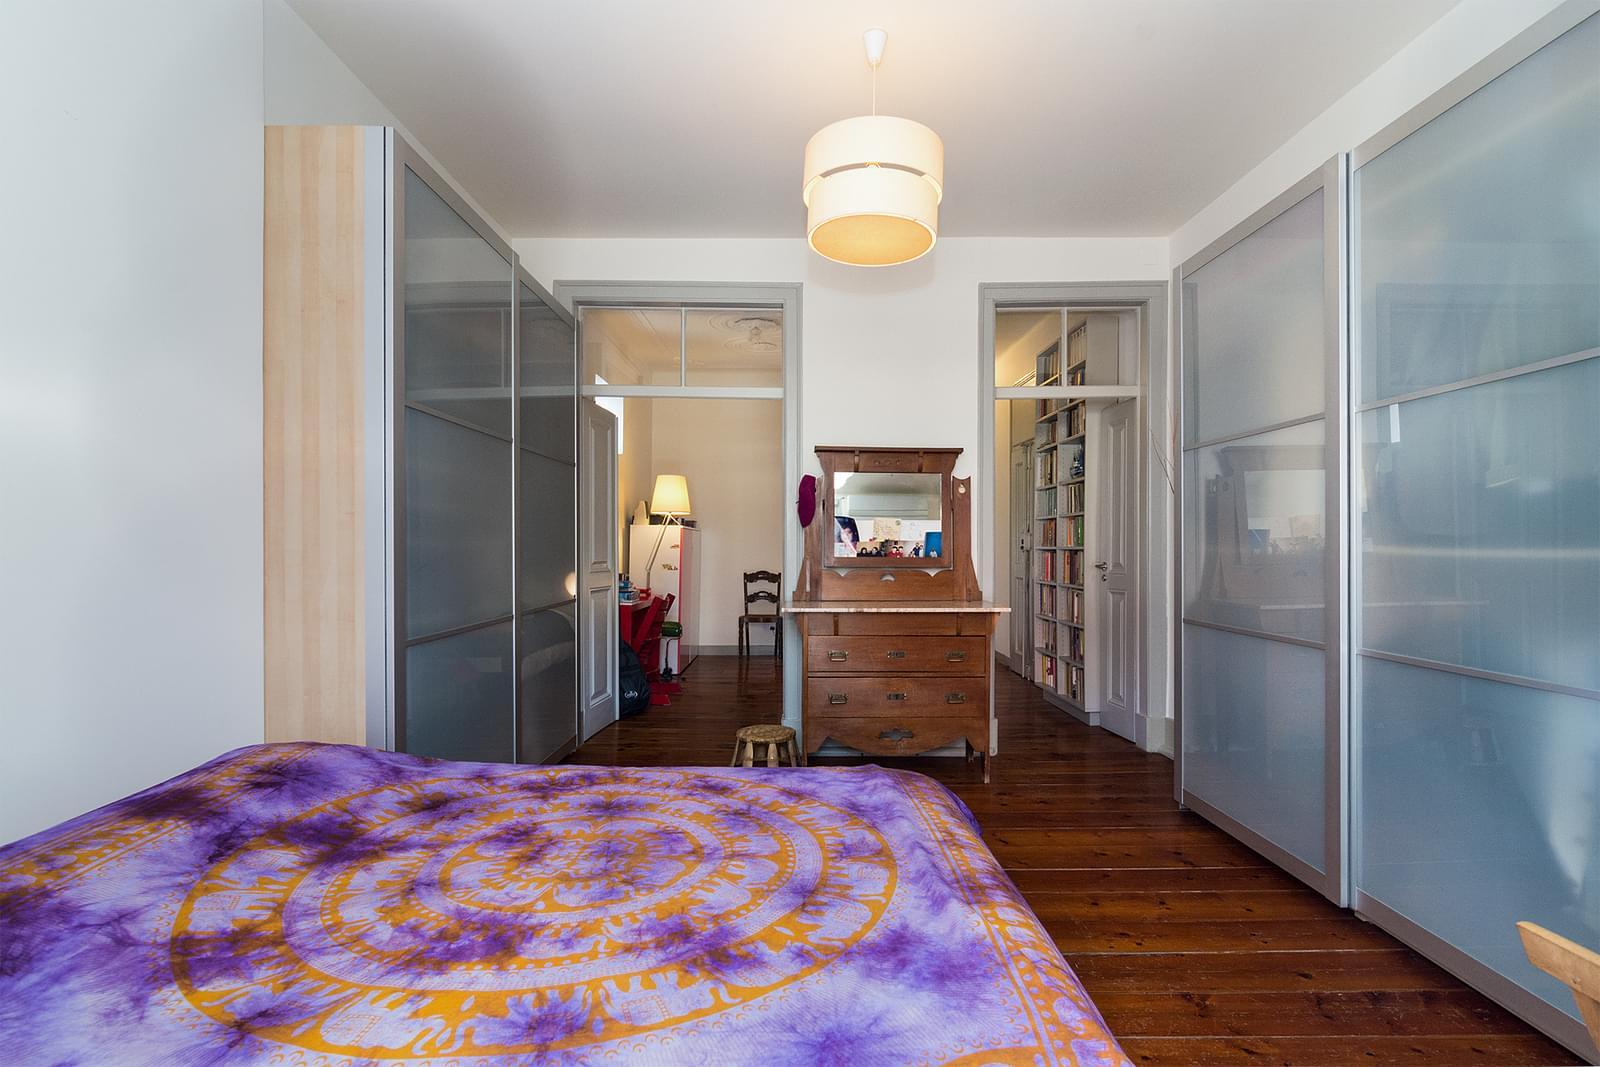 pf17052-apartamento-t3-lisboa-cd39207c-b596-4d2e-a4d3-a257997863ca